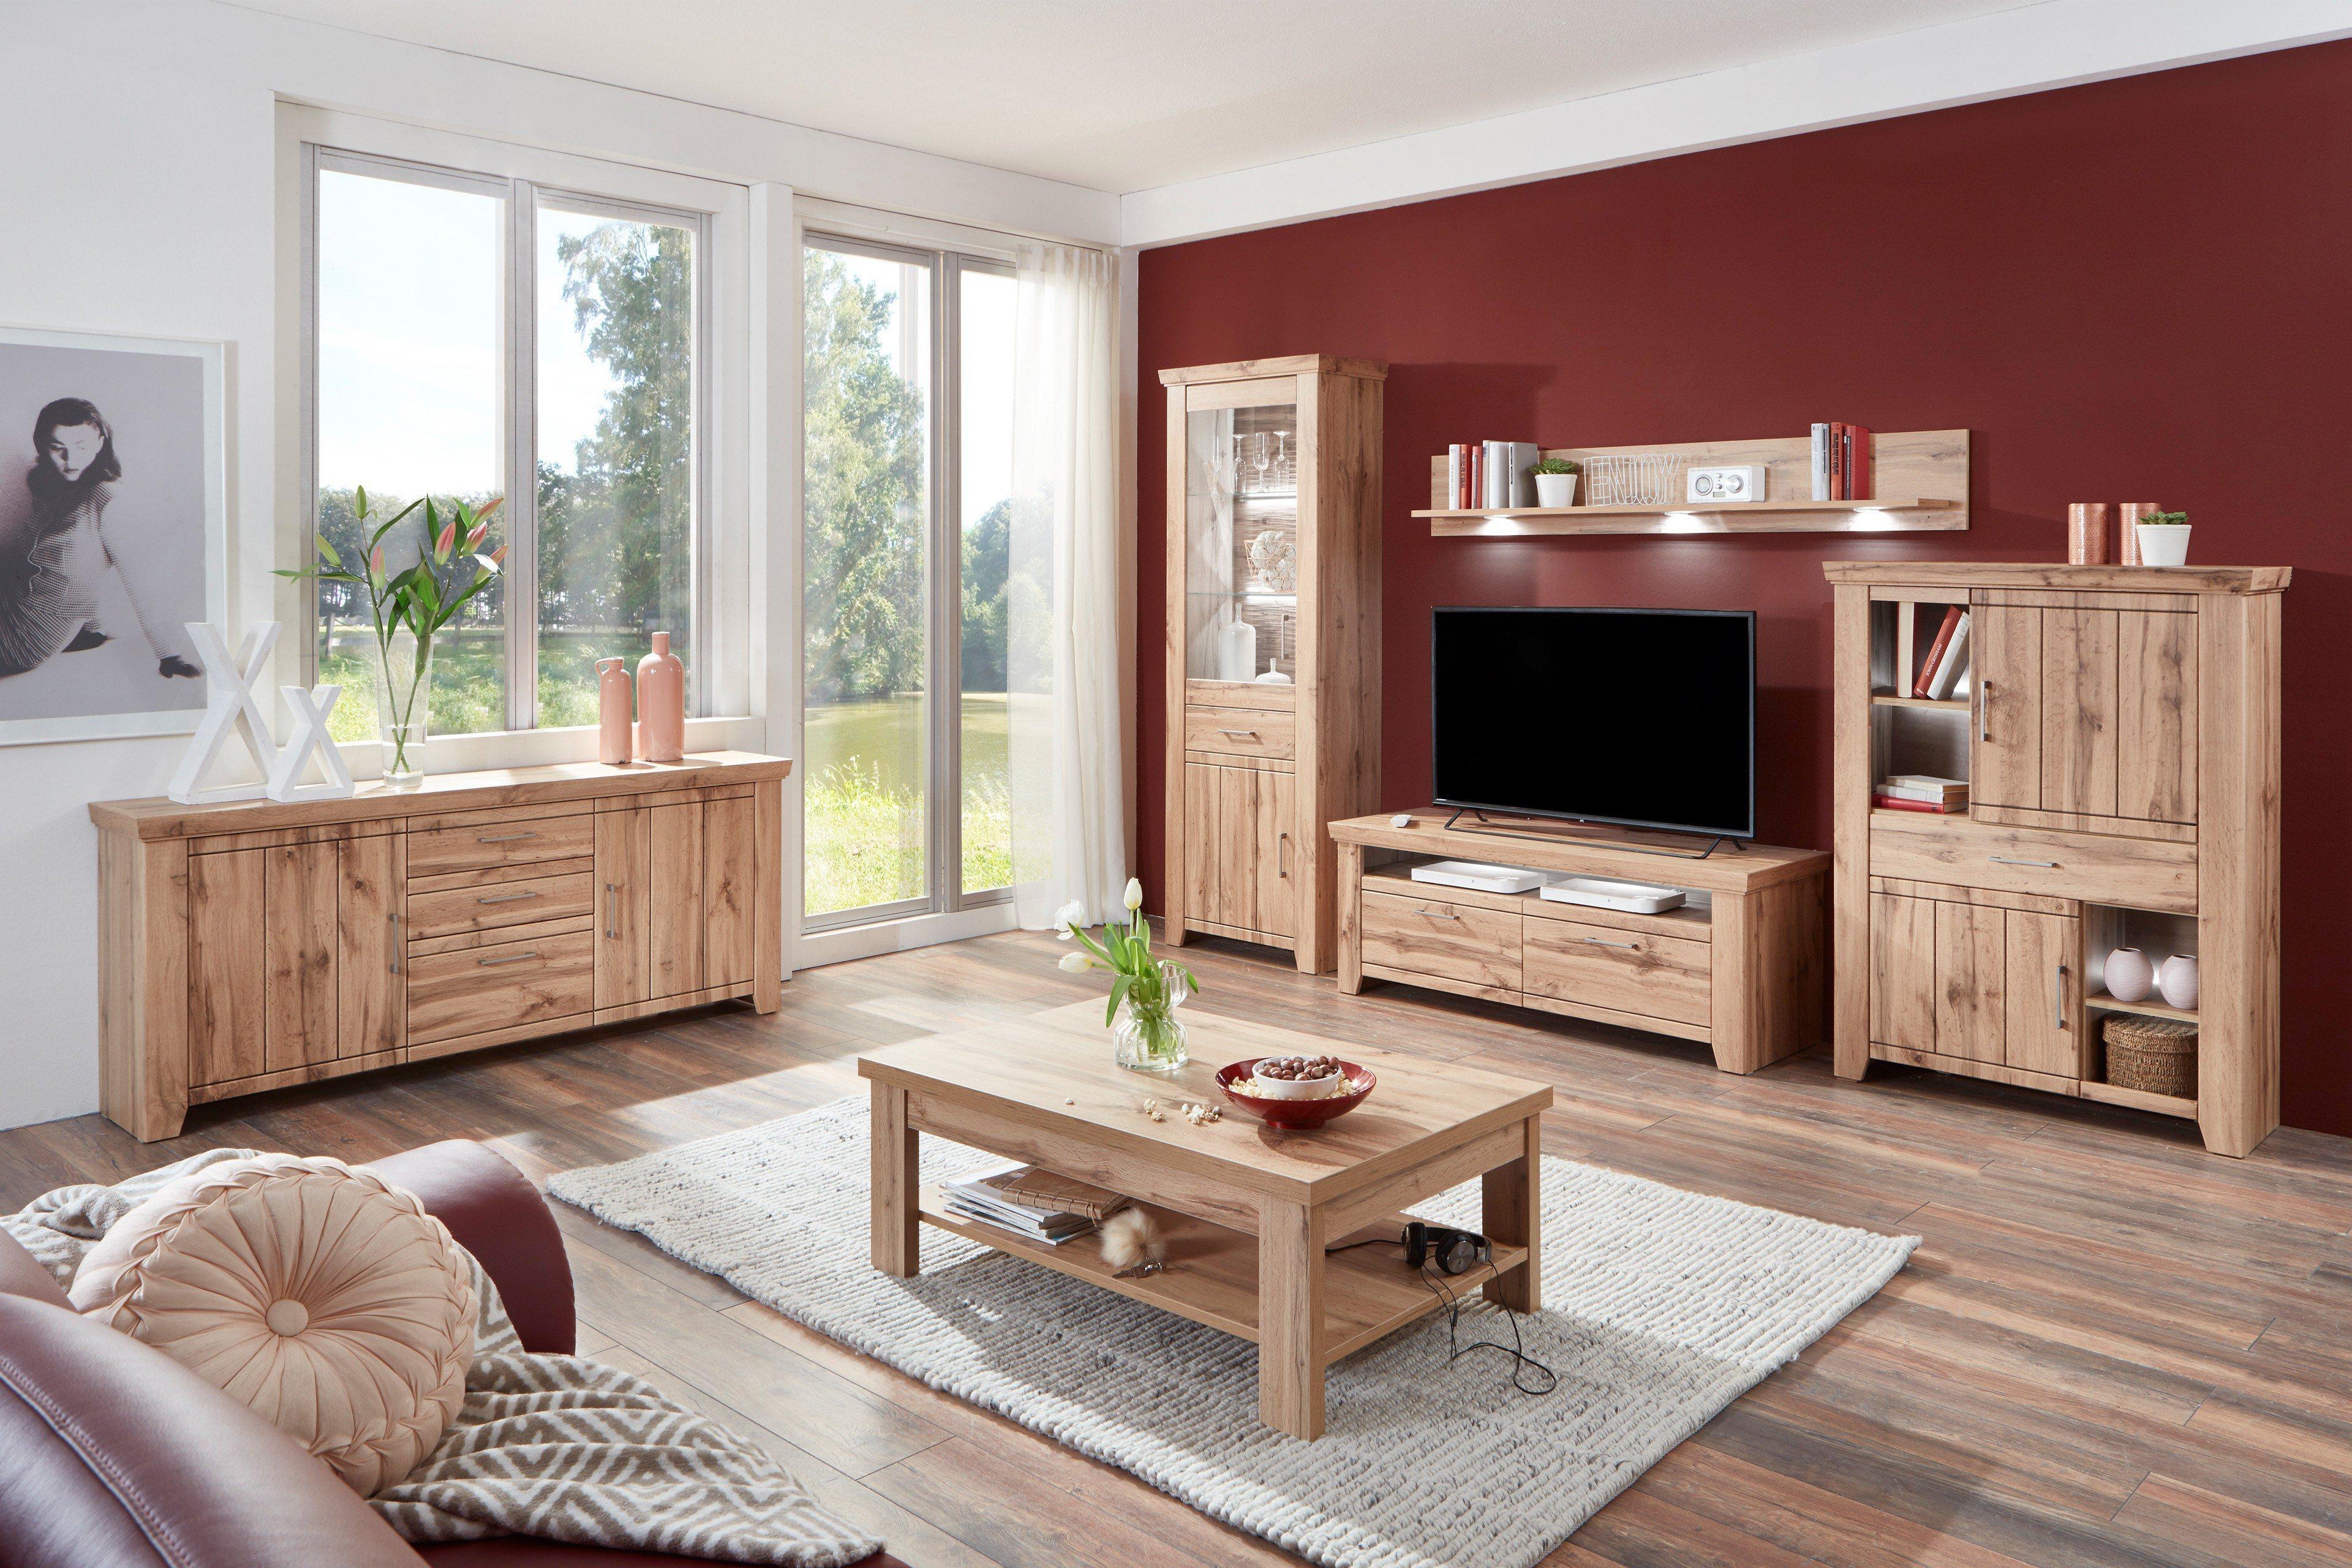 ideal m bel wohnwand stromberg 40 wotan eiche m bel letz ihr online shop. Black Bedroom Furniture Sets. Home Design Ideas